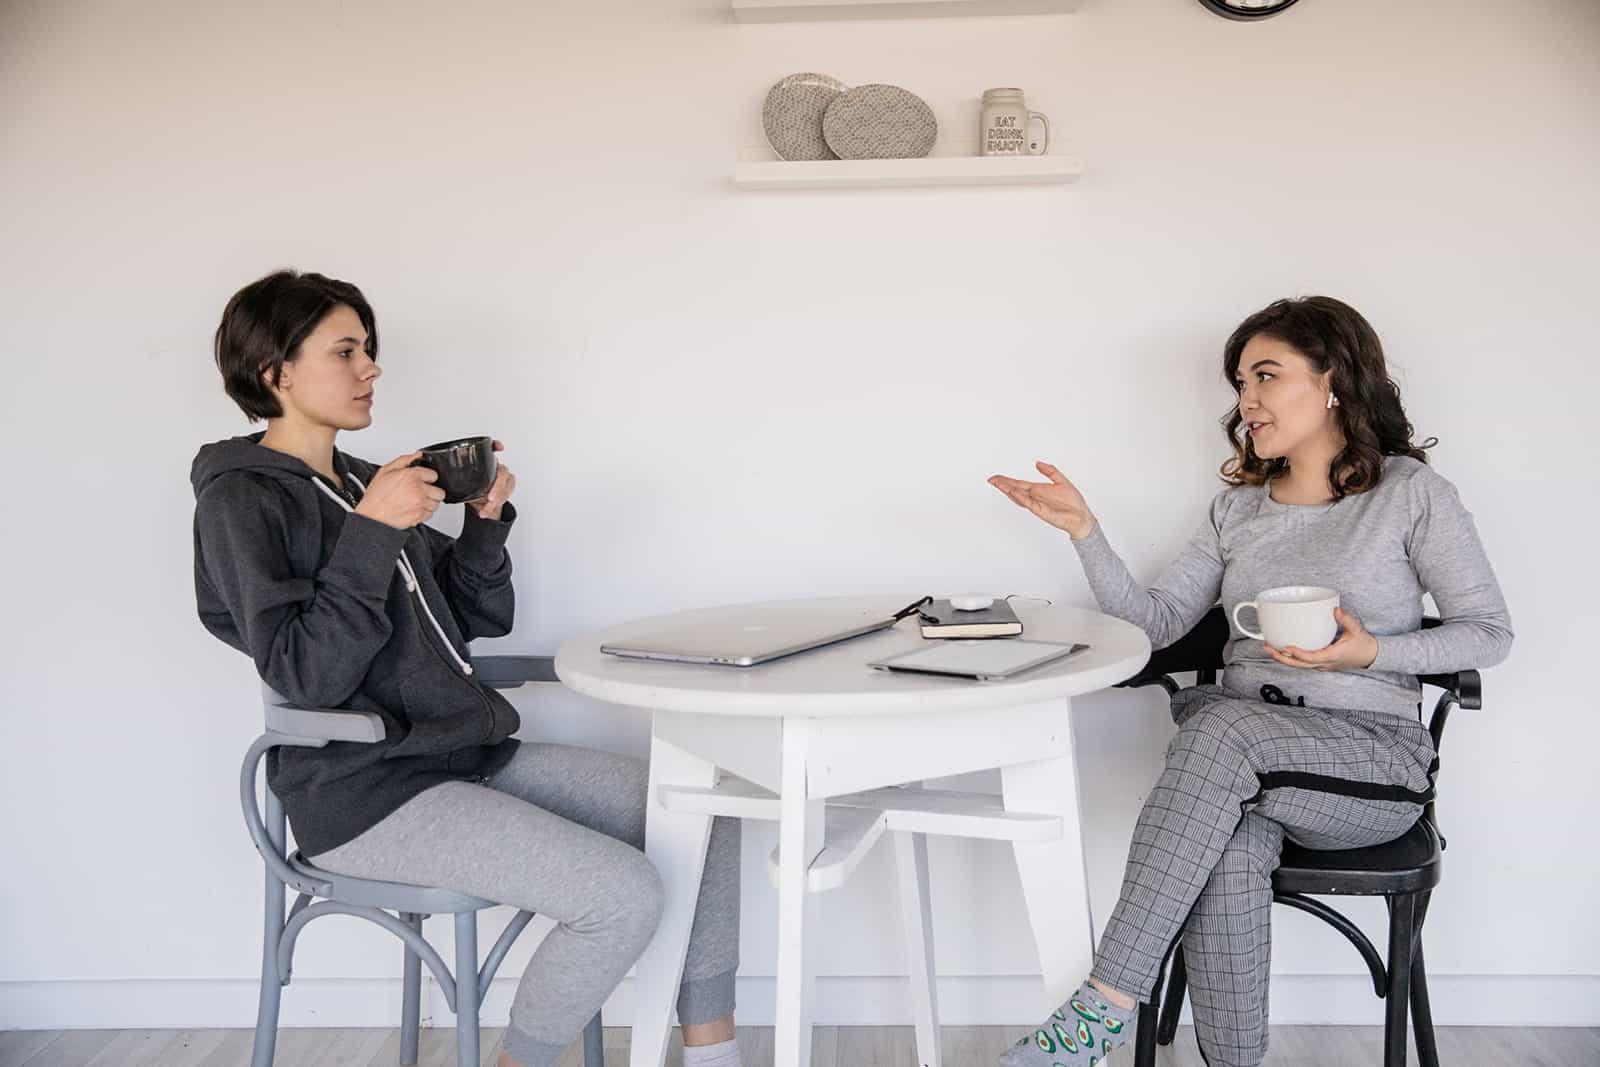 Frau spricht mit ihrer verärgerten Freundin, während sie zusammen Kaffee trinkt